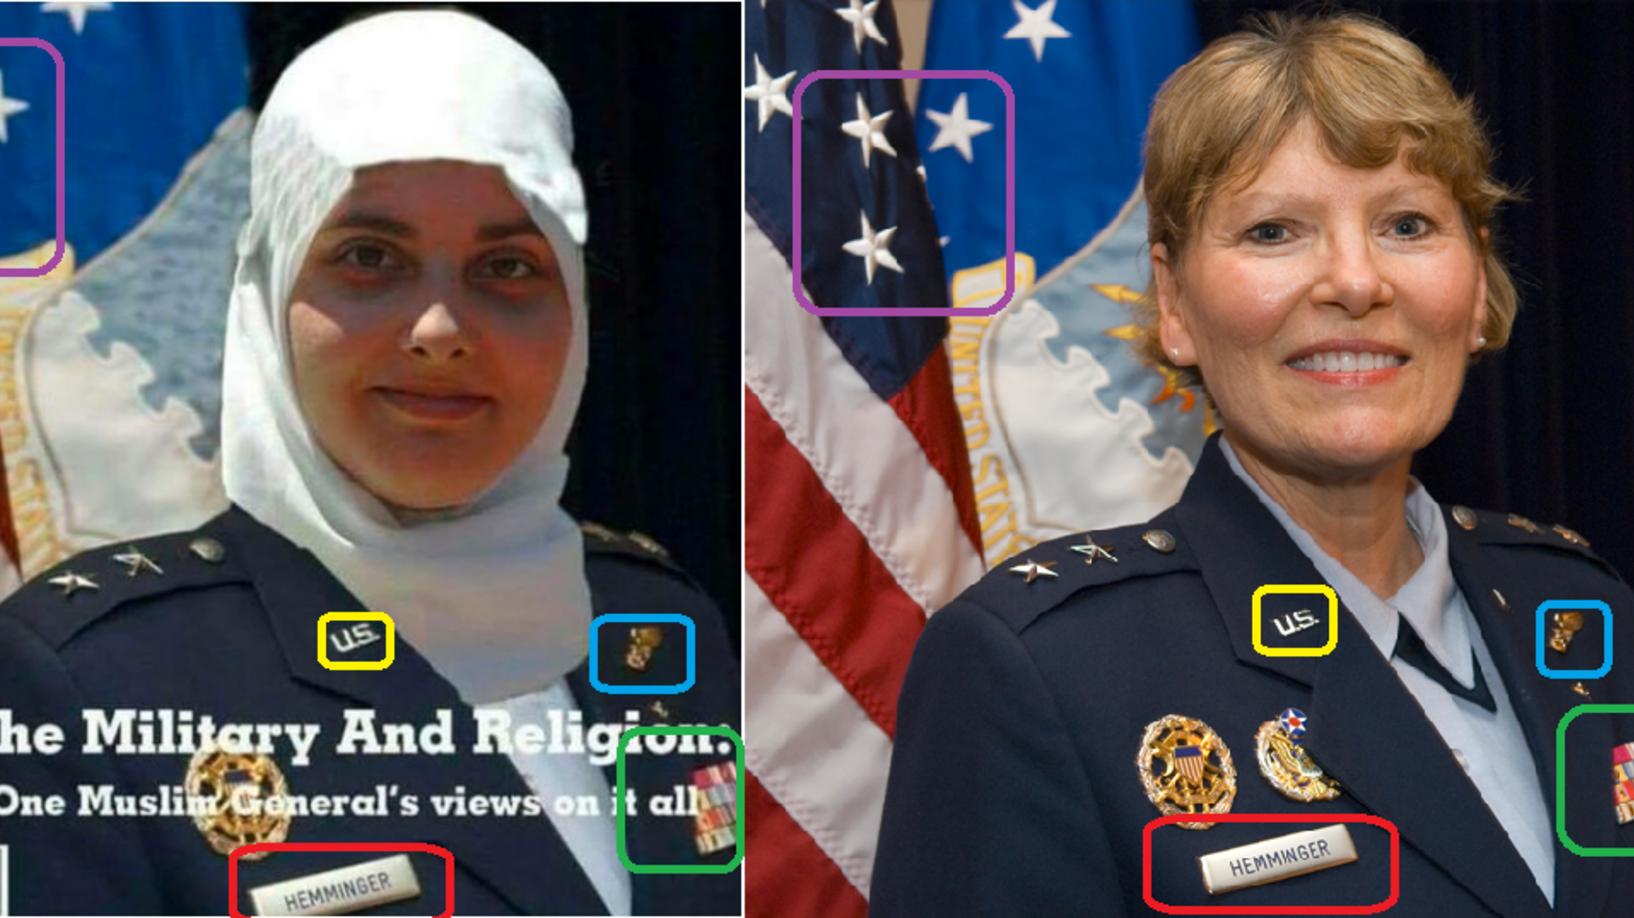 محجبة تتقلّد رتبة رفيعة في سلاح الجو الأميركي؟ صورة مفبركة تحصد آلاف التفاعلات